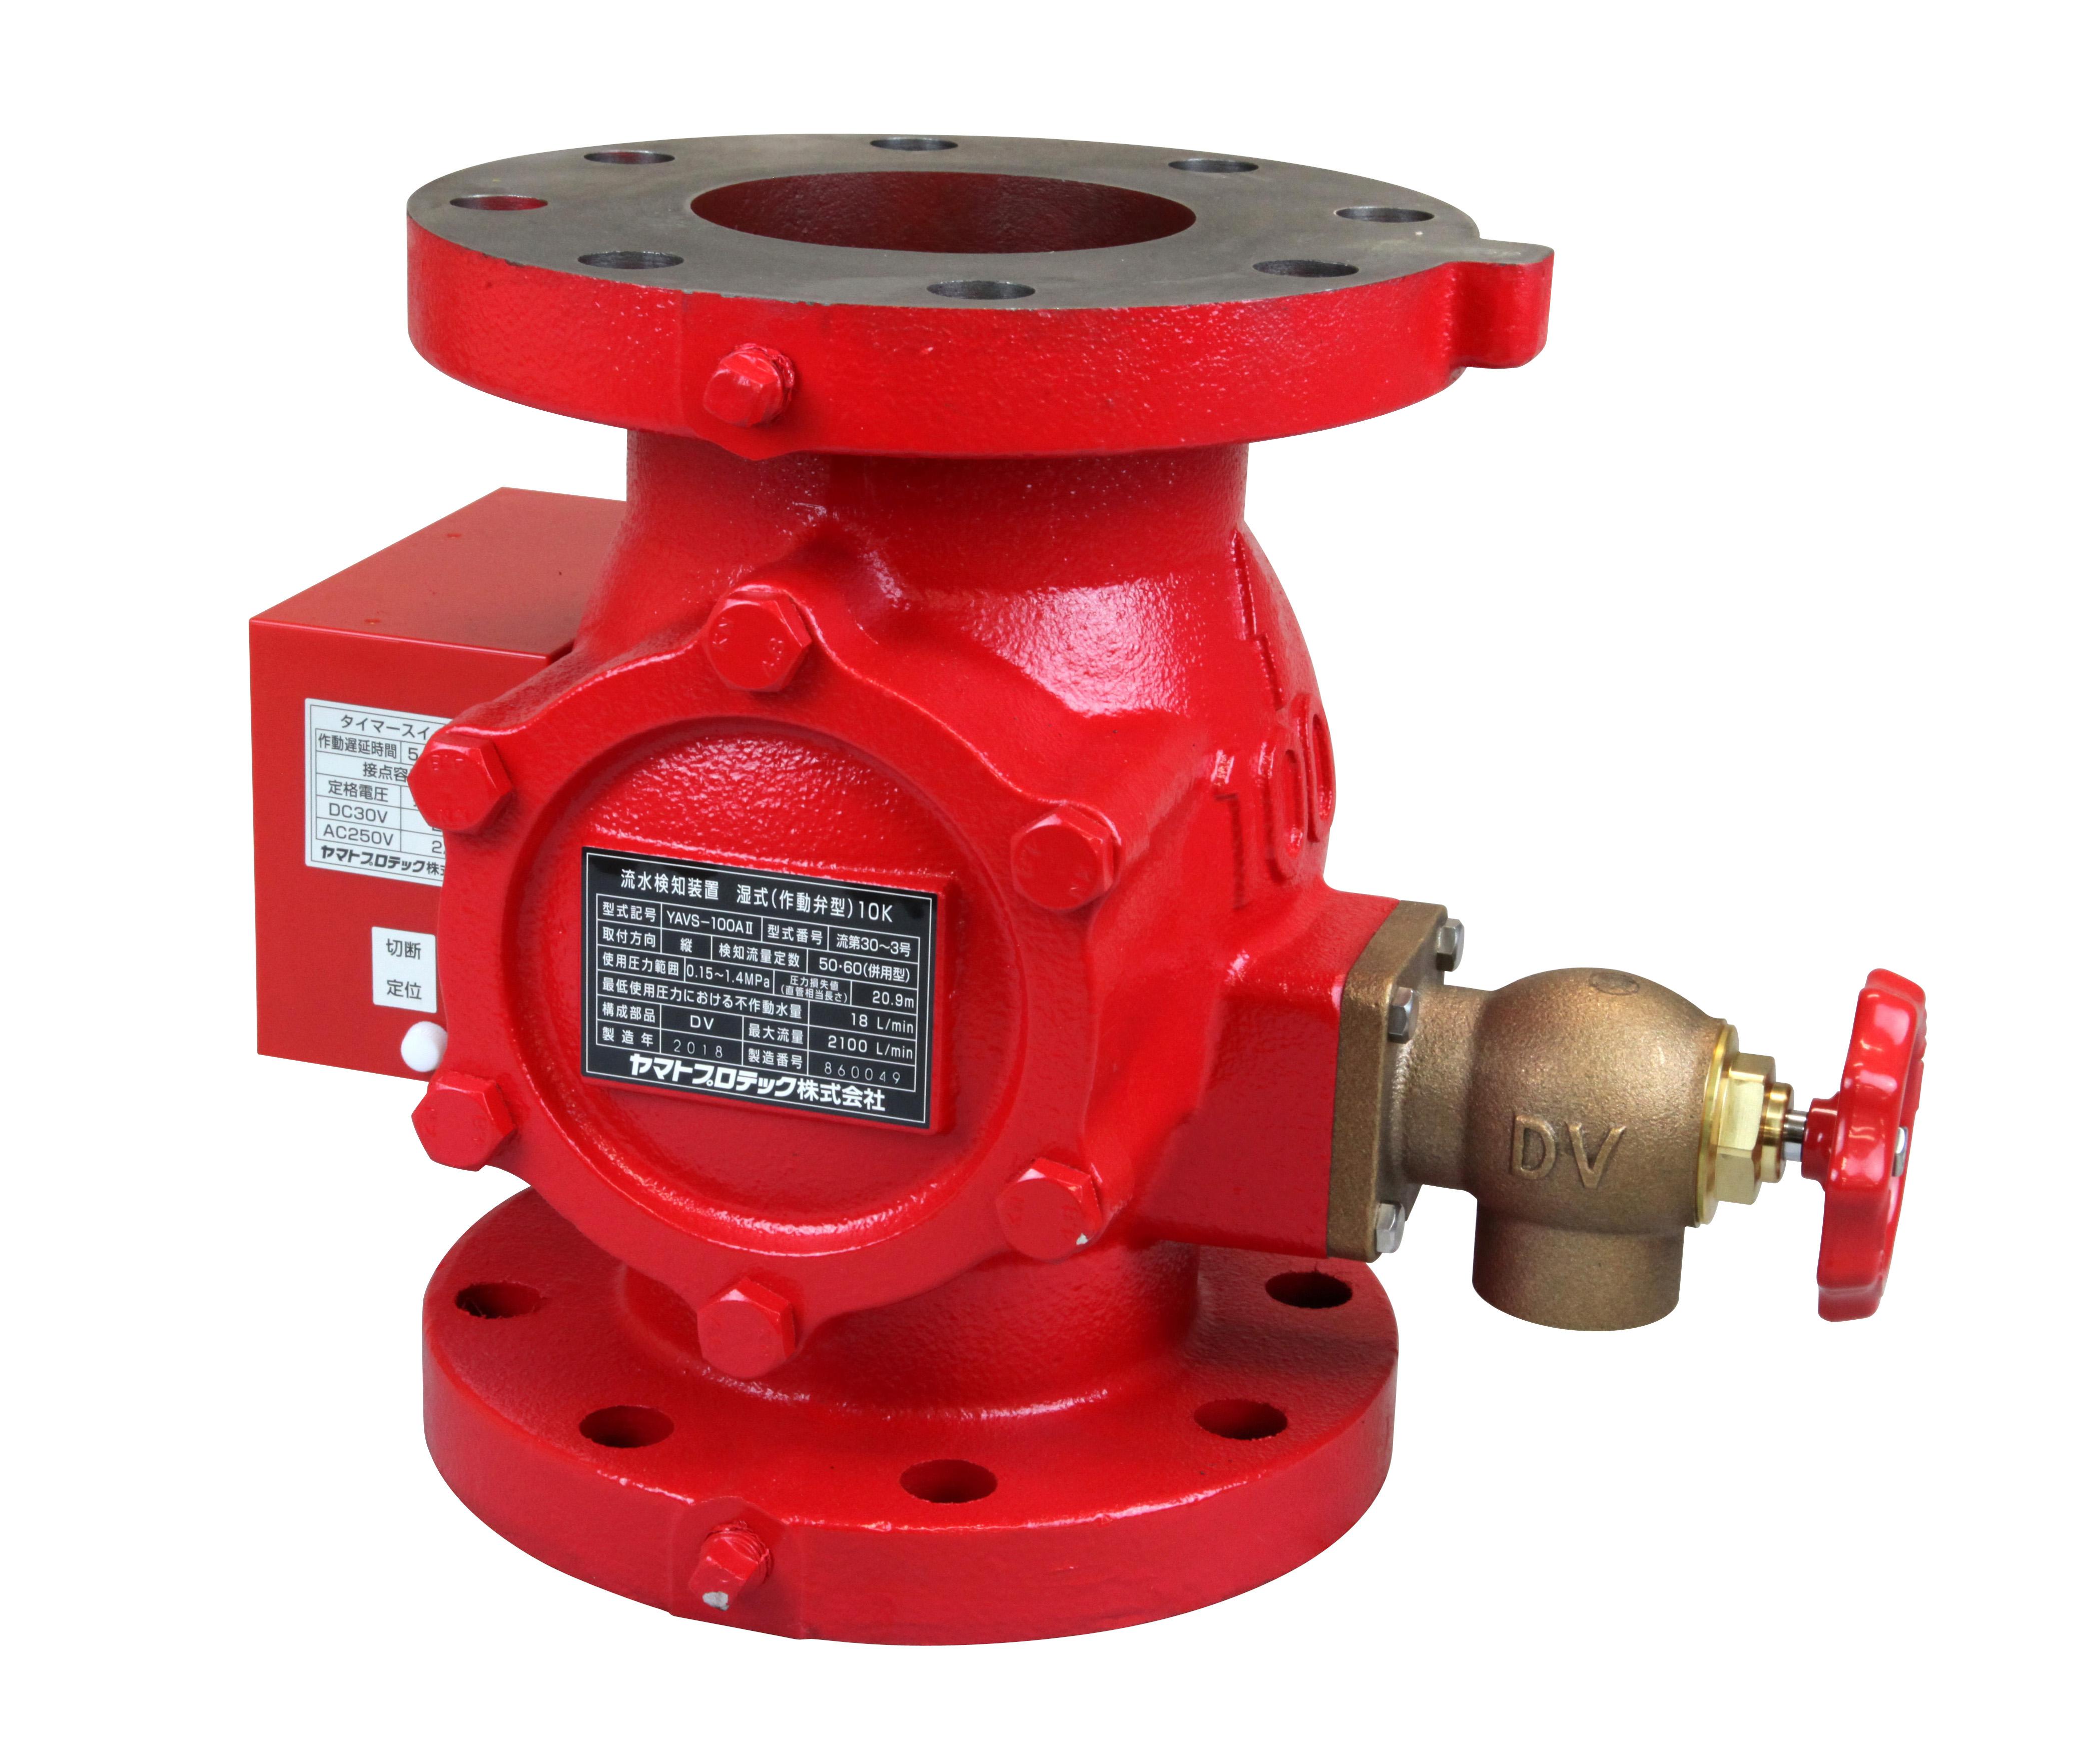 流水検知装置 YAVS-100AⅡ